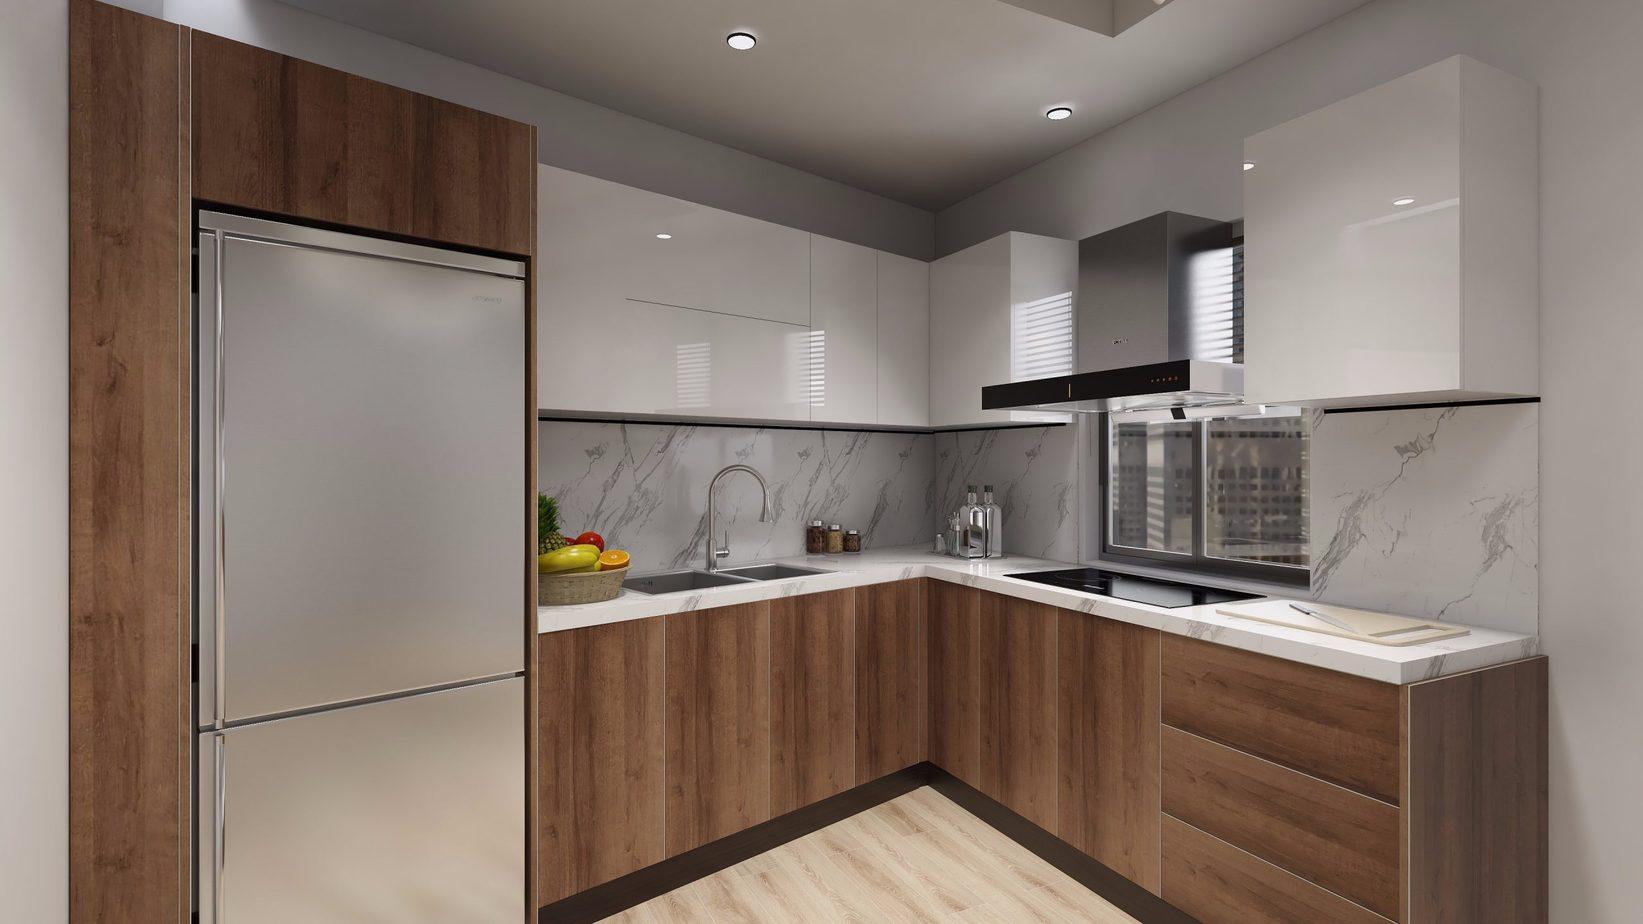 Tủ bếp chữ L lõi MDF chống ẩm phủ Acrylic sáng bóng vừa giúp tận dụng không gian góc vừa mang lại cảm giác tươi sáng cho góc bếp 8m2 này. Phần tủ dưới được làm từ MDF phủ Melamine để giảm chi phí mà vẫn đảm bảo độ bền.